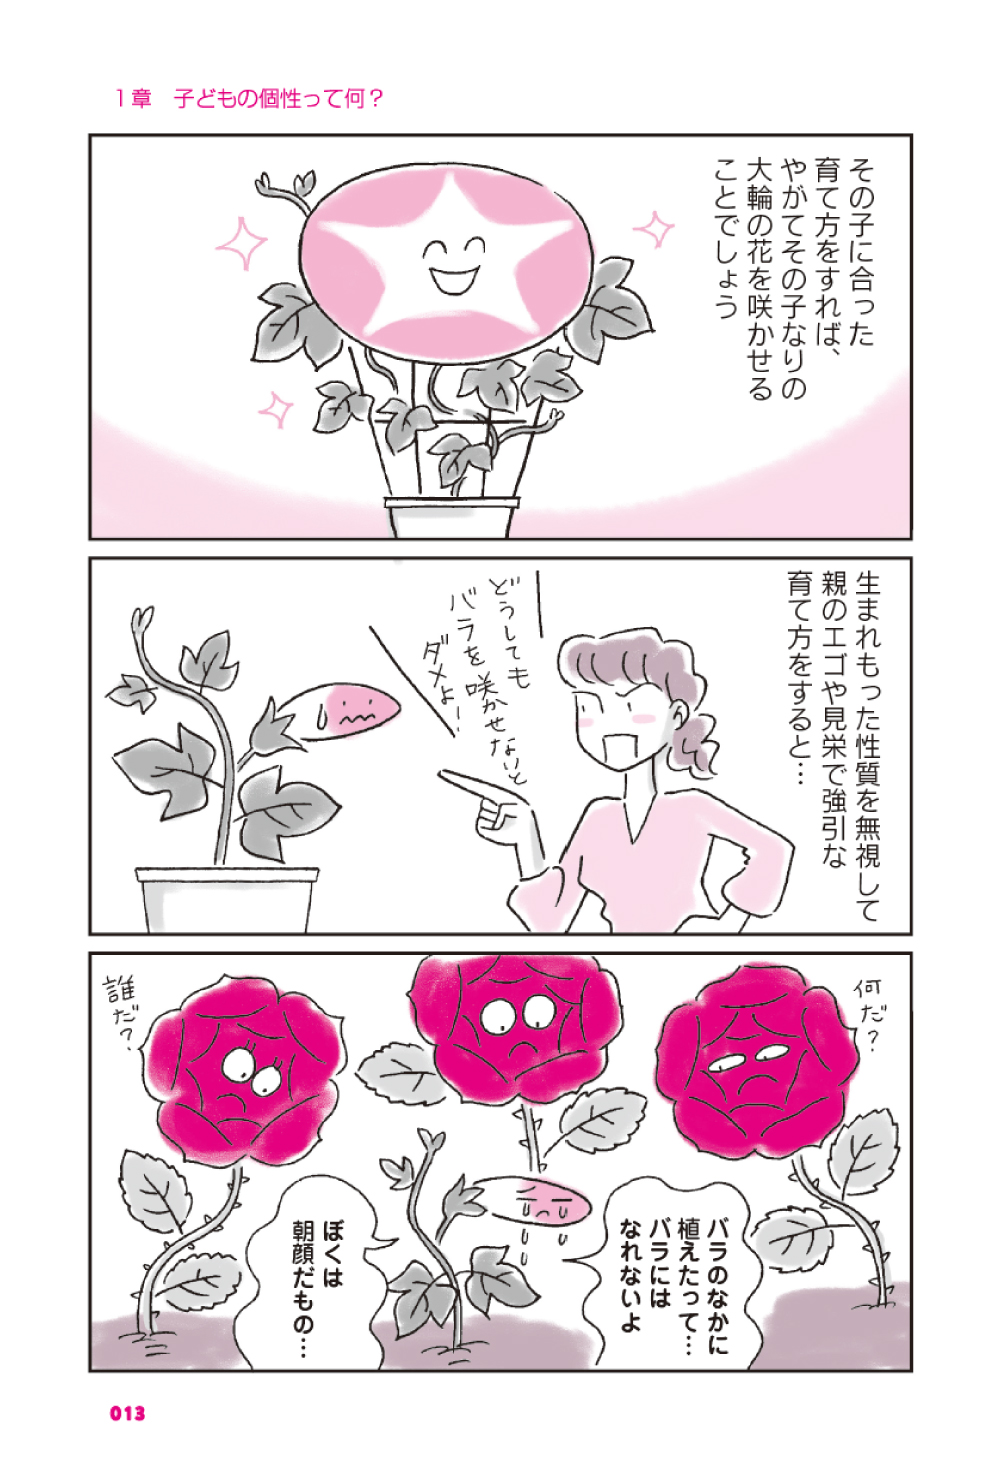 【教育】子どもを伸ばす母親力の磨き方の画像7